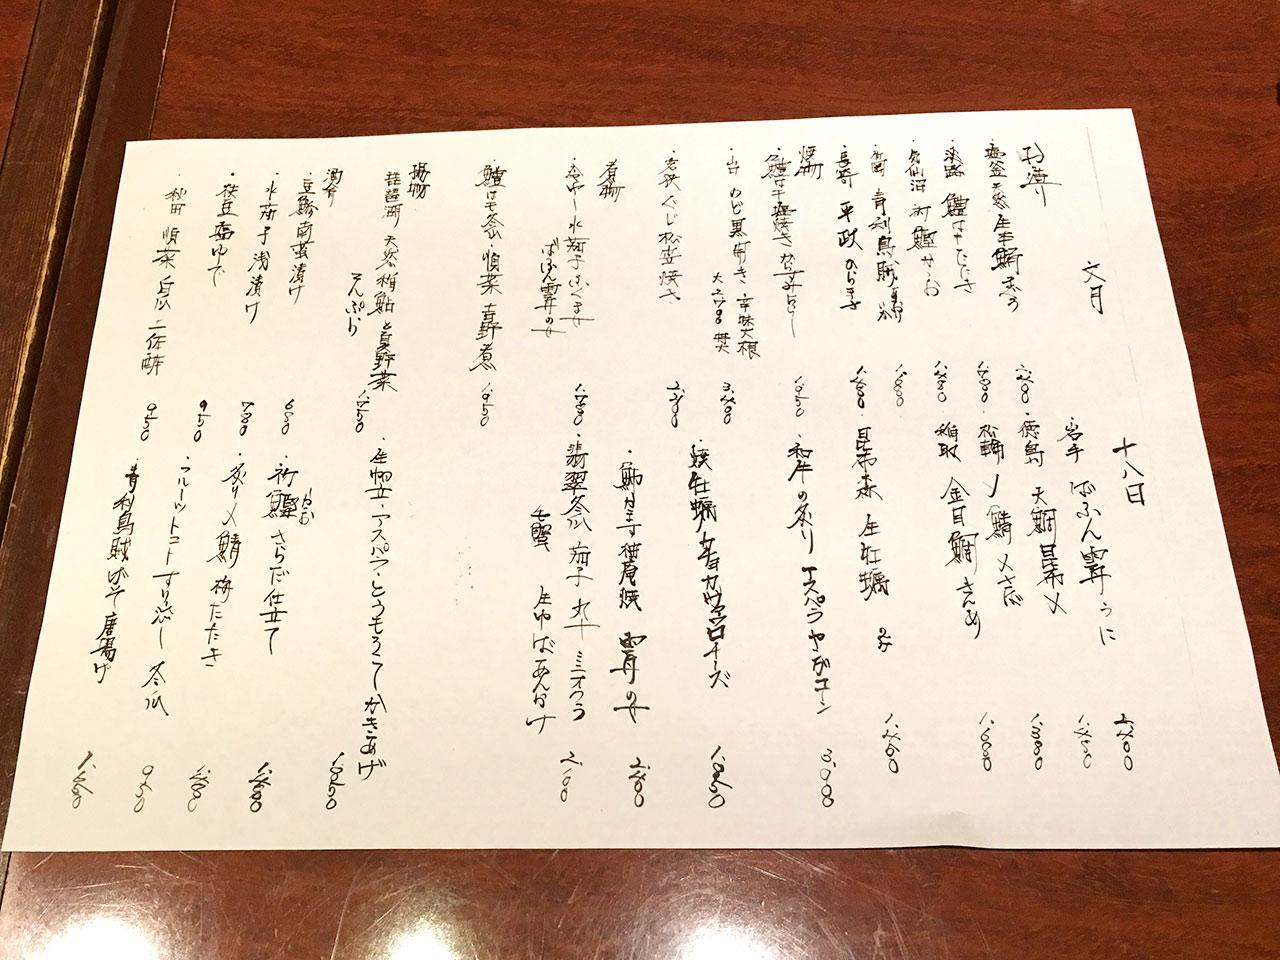 musashikoyama-kurata-dinner-menu01